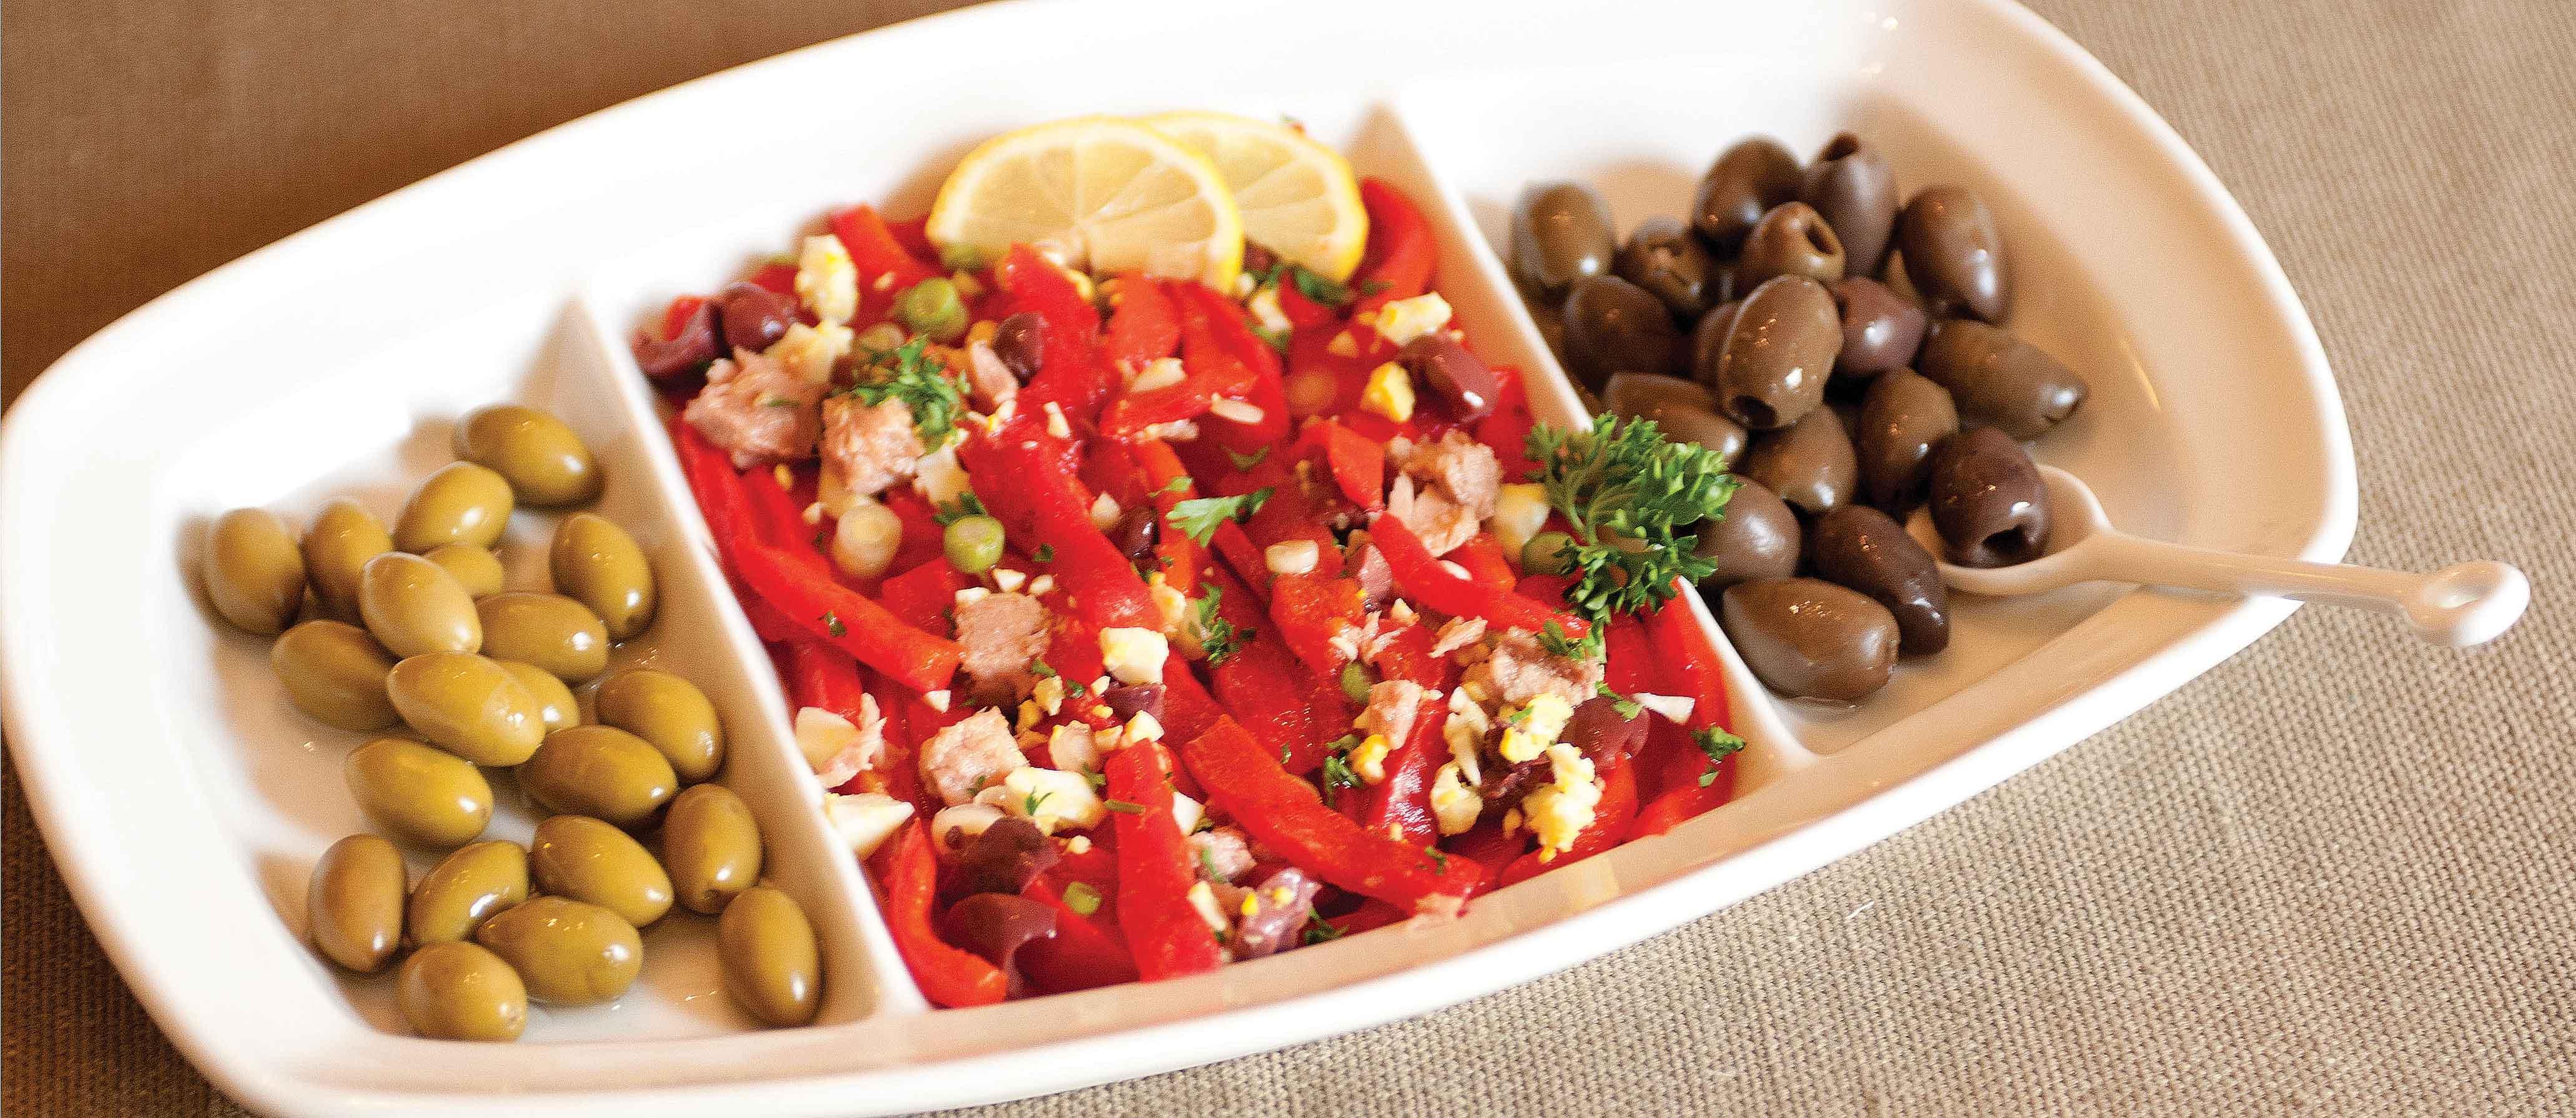 what on mediterrean diet is not gluten free